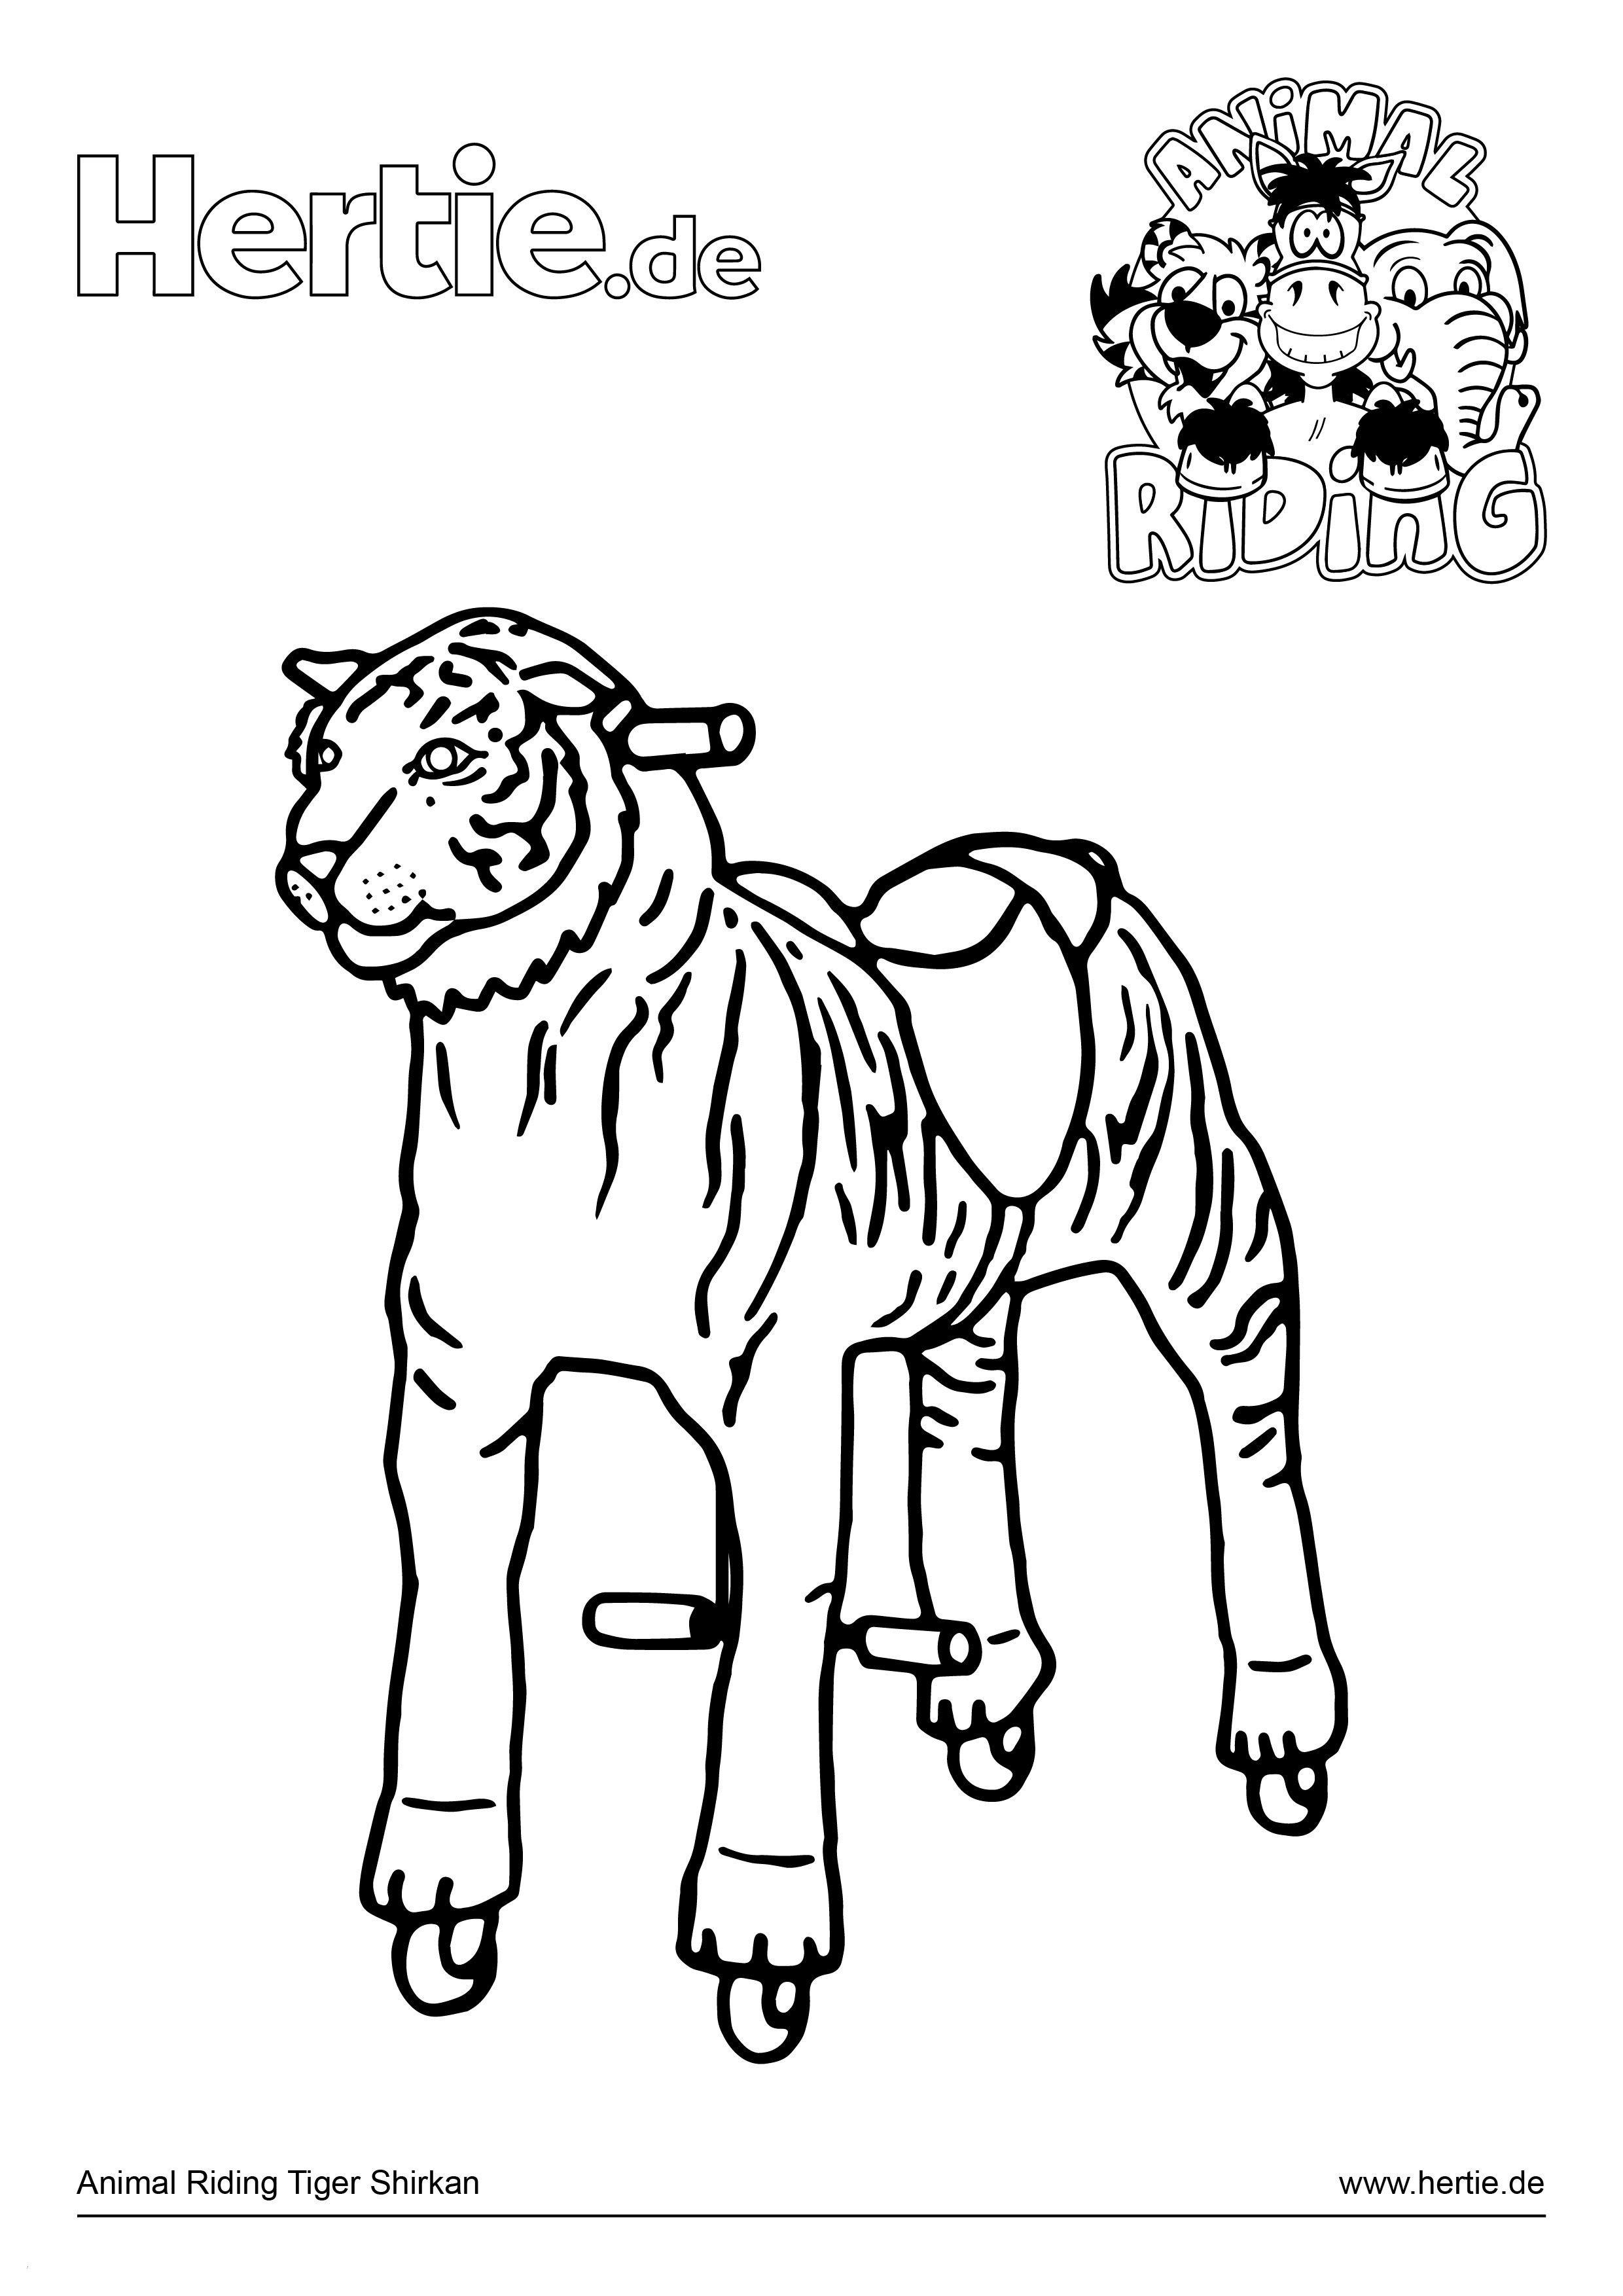 Malvorlagen Tiere Einfach Frisch Einfache Malvorlagen Tiere Elegant Ausmalbilder Tiere Im Winter Sammlung